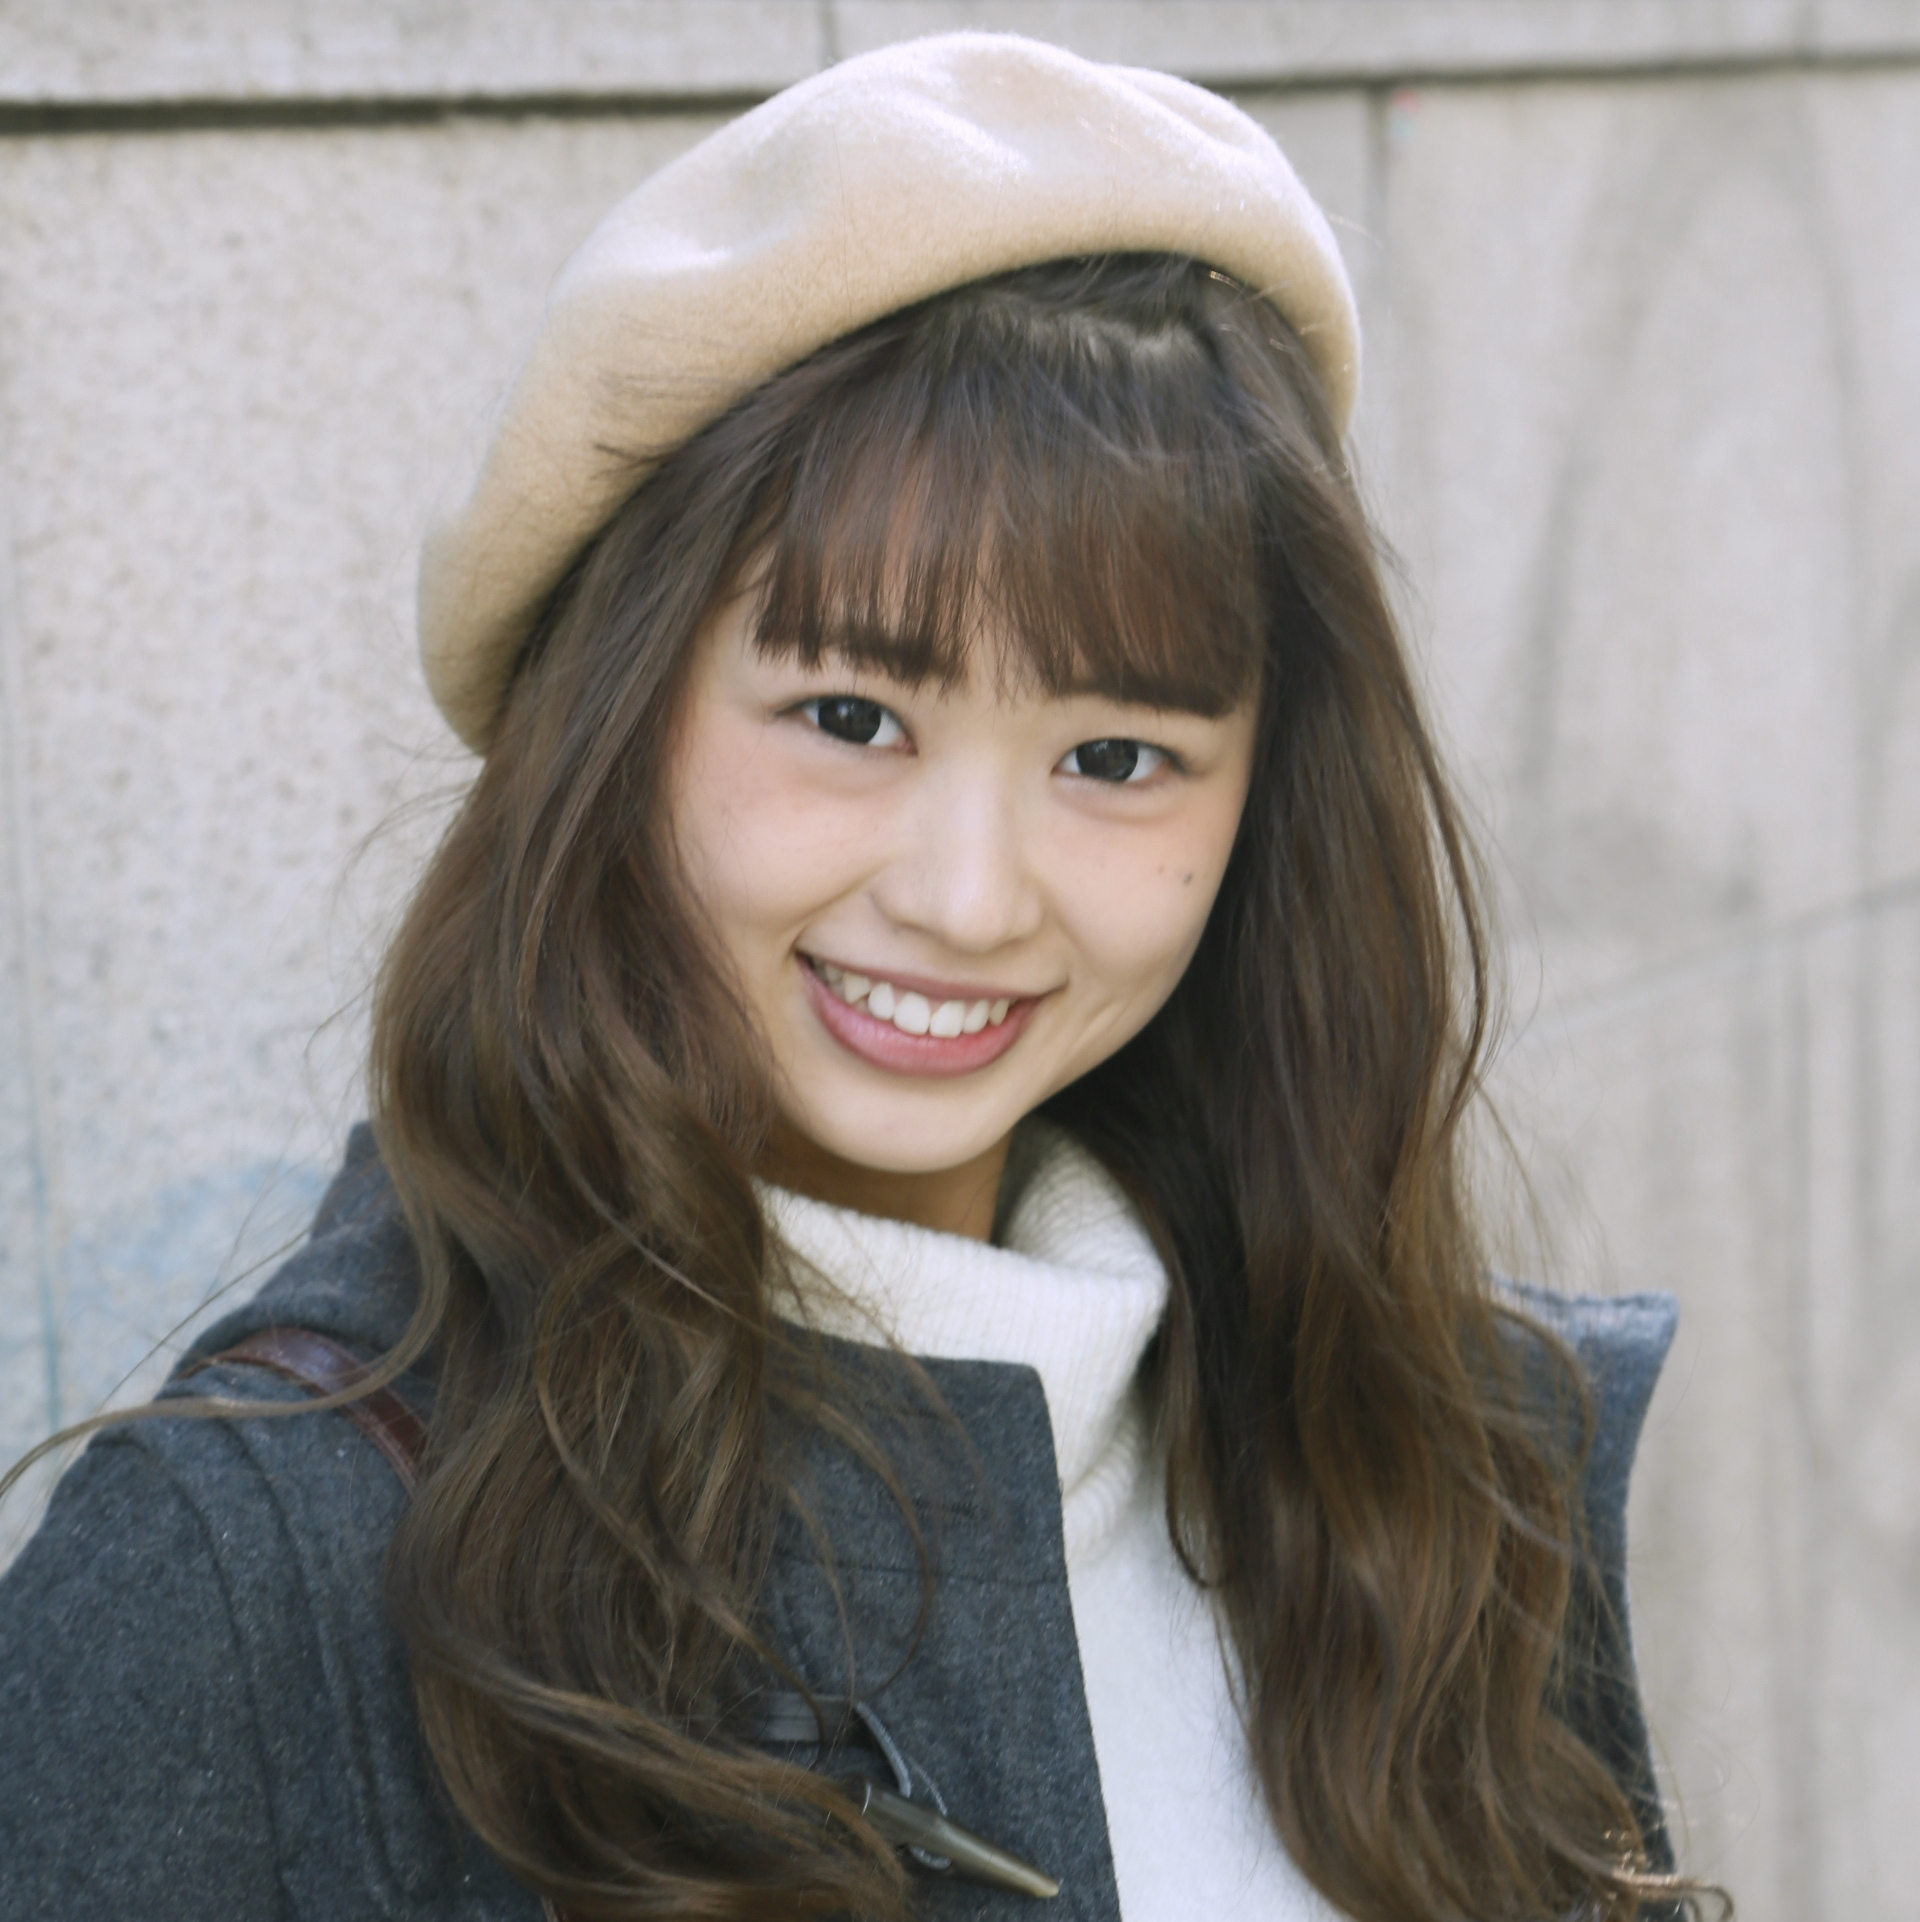 【女子SNAP】SJ美女図鑑<br />若月彩香さん・学生